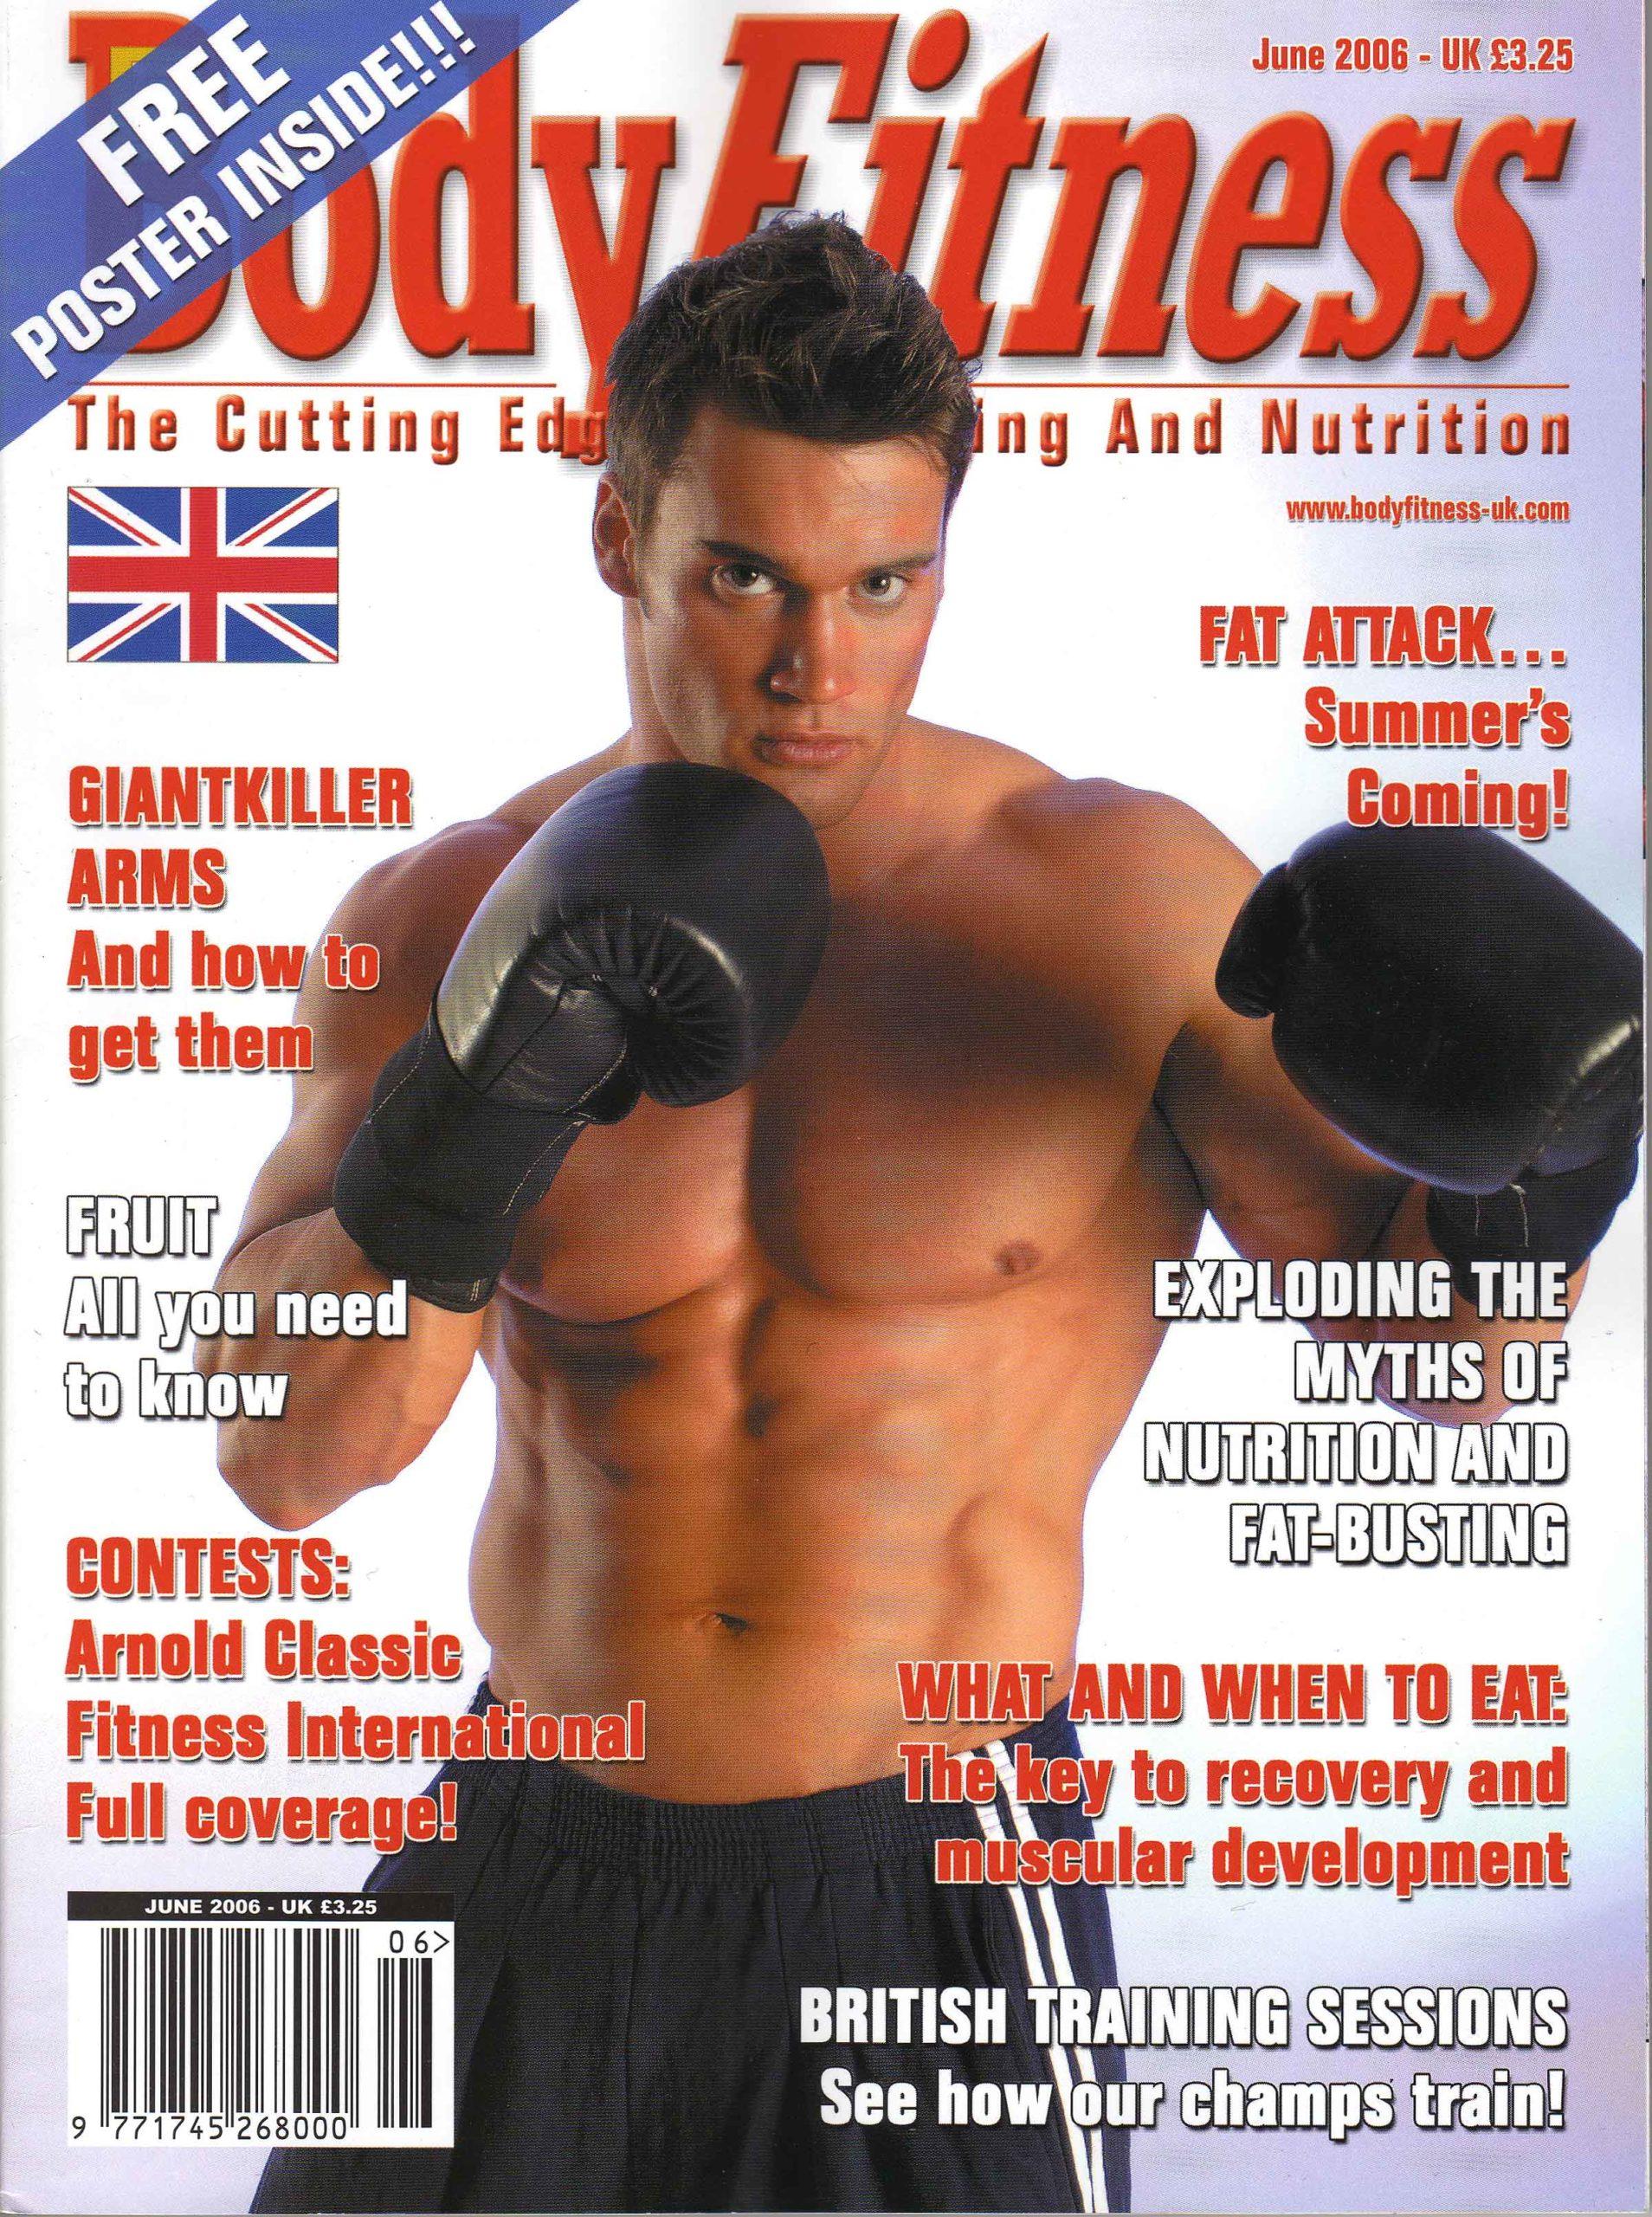 Coverbild Sportmagazin Body Fitness nackter Oberkörper Mann beim Boxen